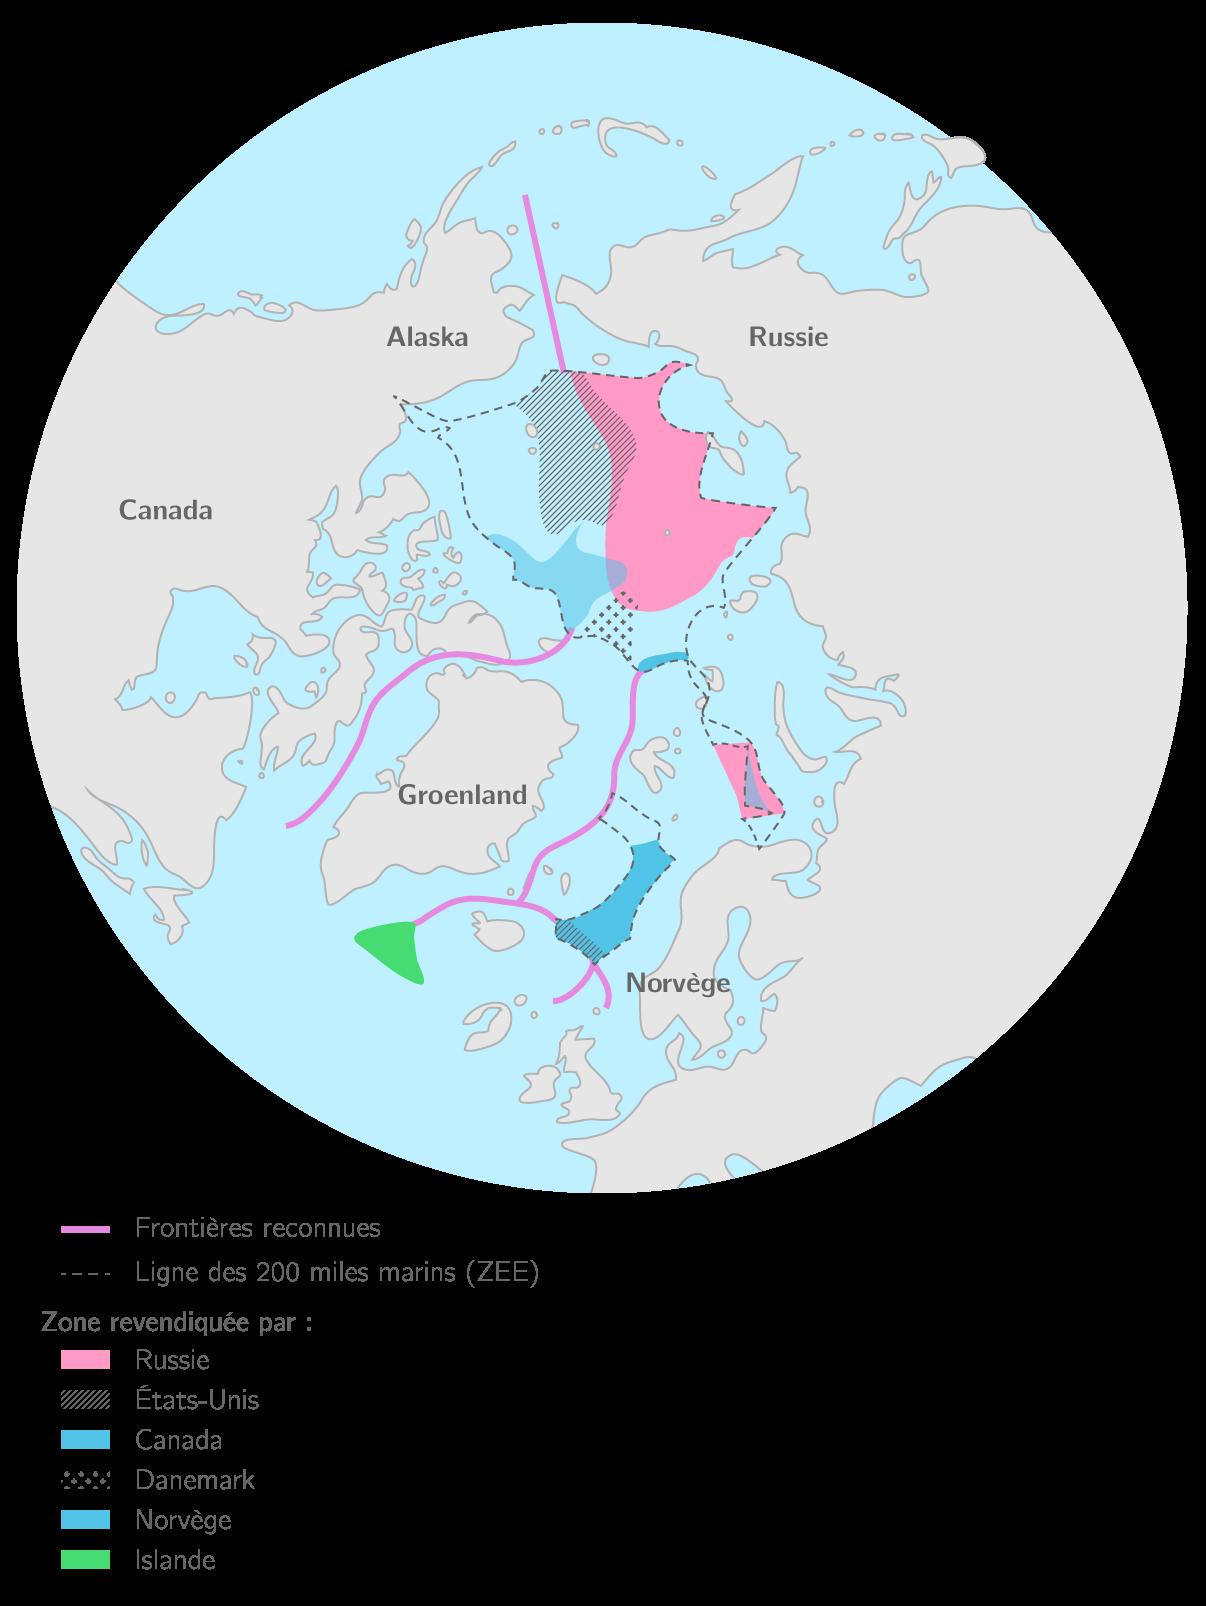 Les revendications territoriales en Arctique